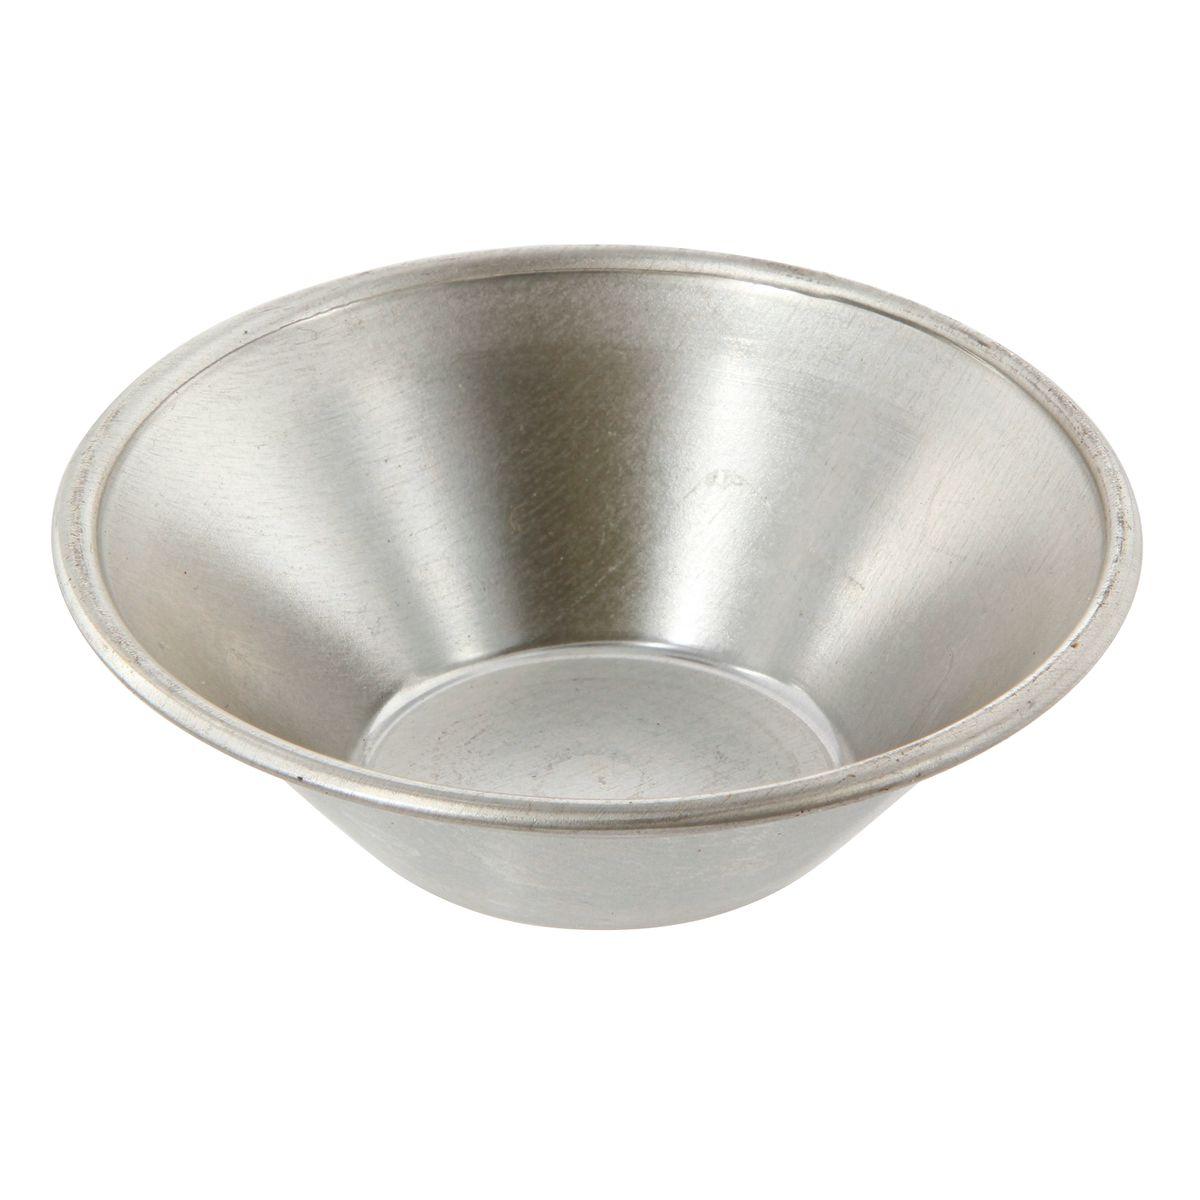 Moule à pasteis de Nata en fer blanc 7 cm hauteur 2 cm - Gobel